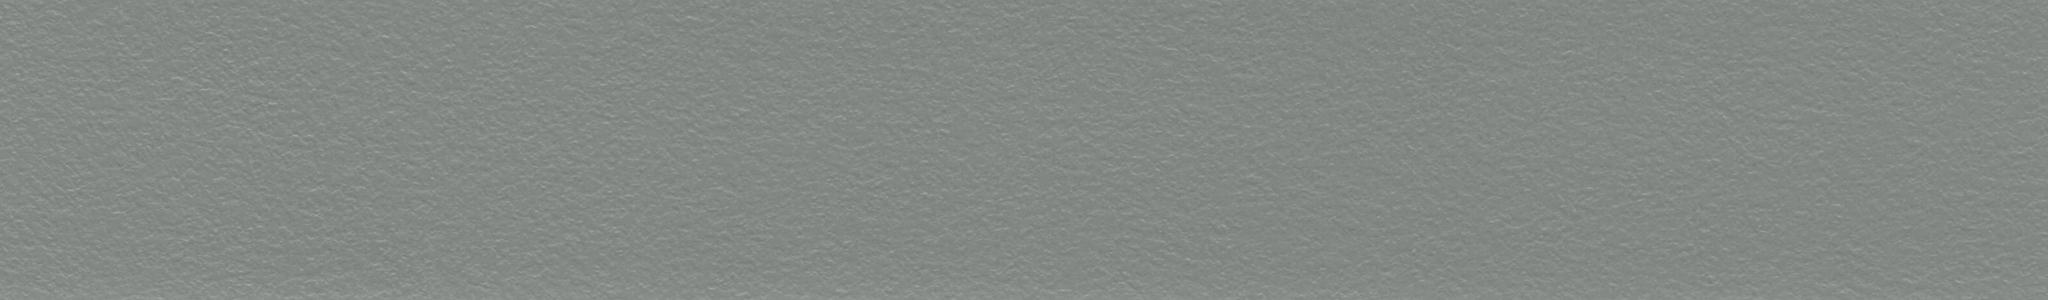 HU 17299 ABS hrana šedá perla jemná 107